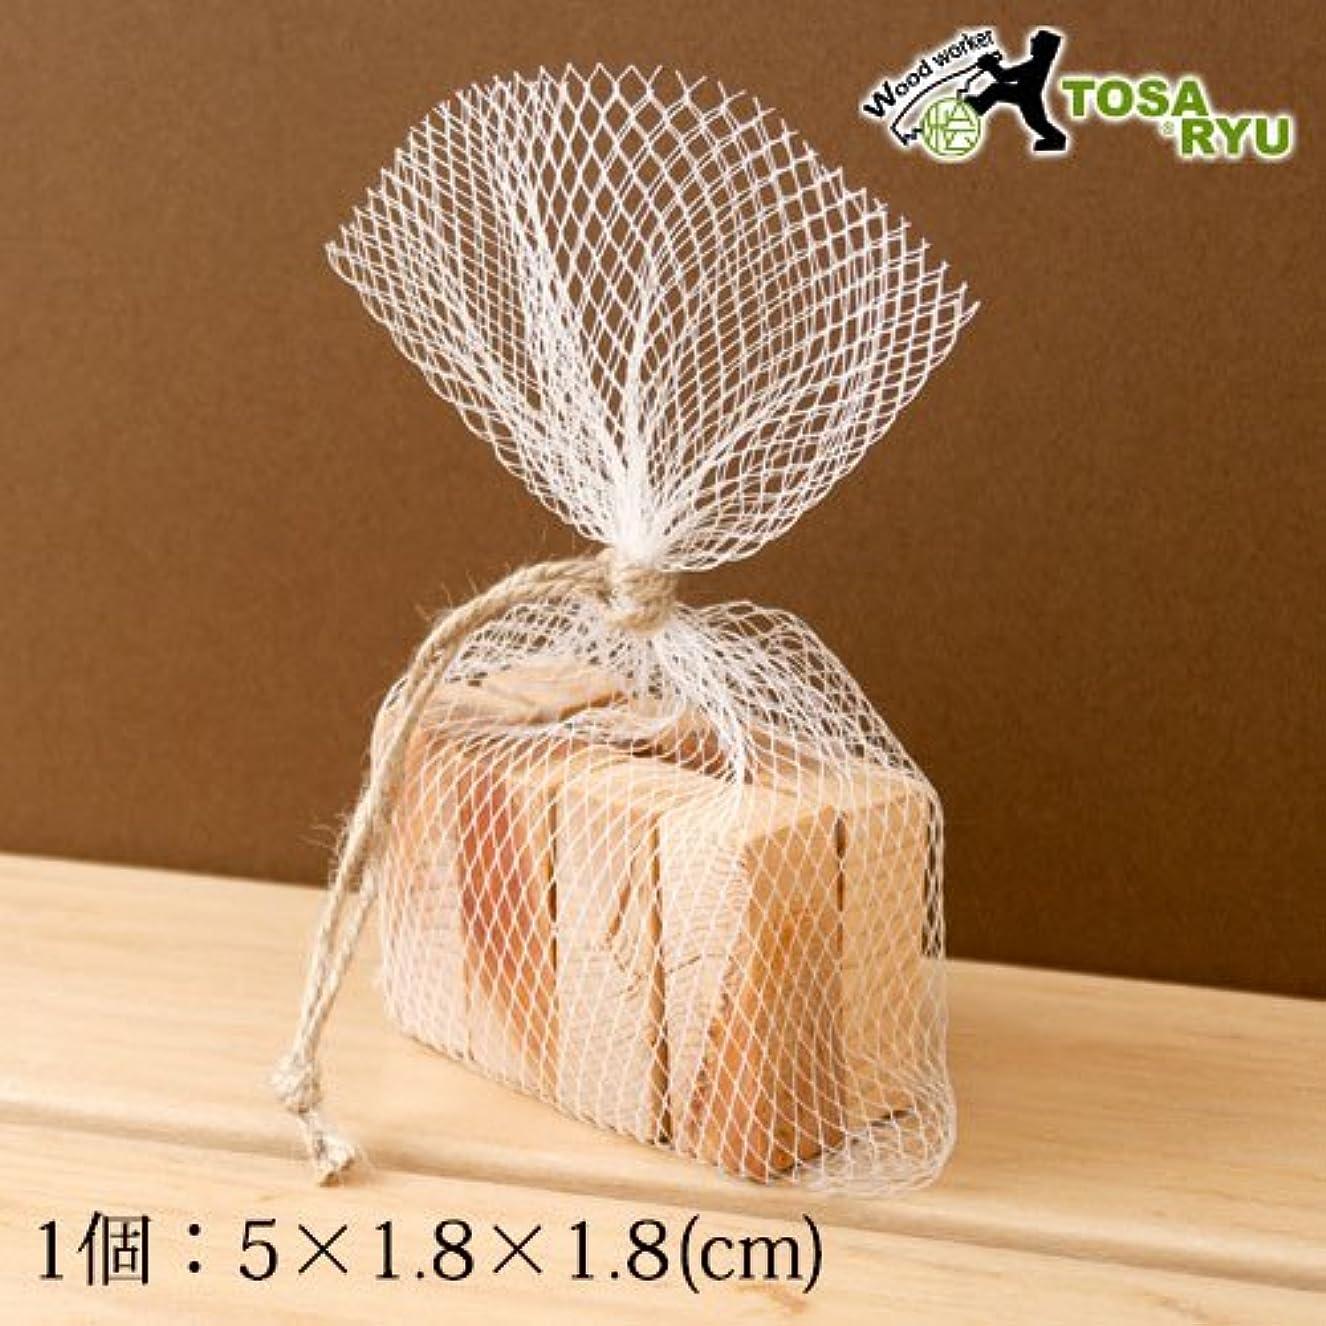 ウナギ喪バトル土佐龍アロマブロックメッシュ袋入り高知県の工芸品Bath additive of cypress, Kochi craft